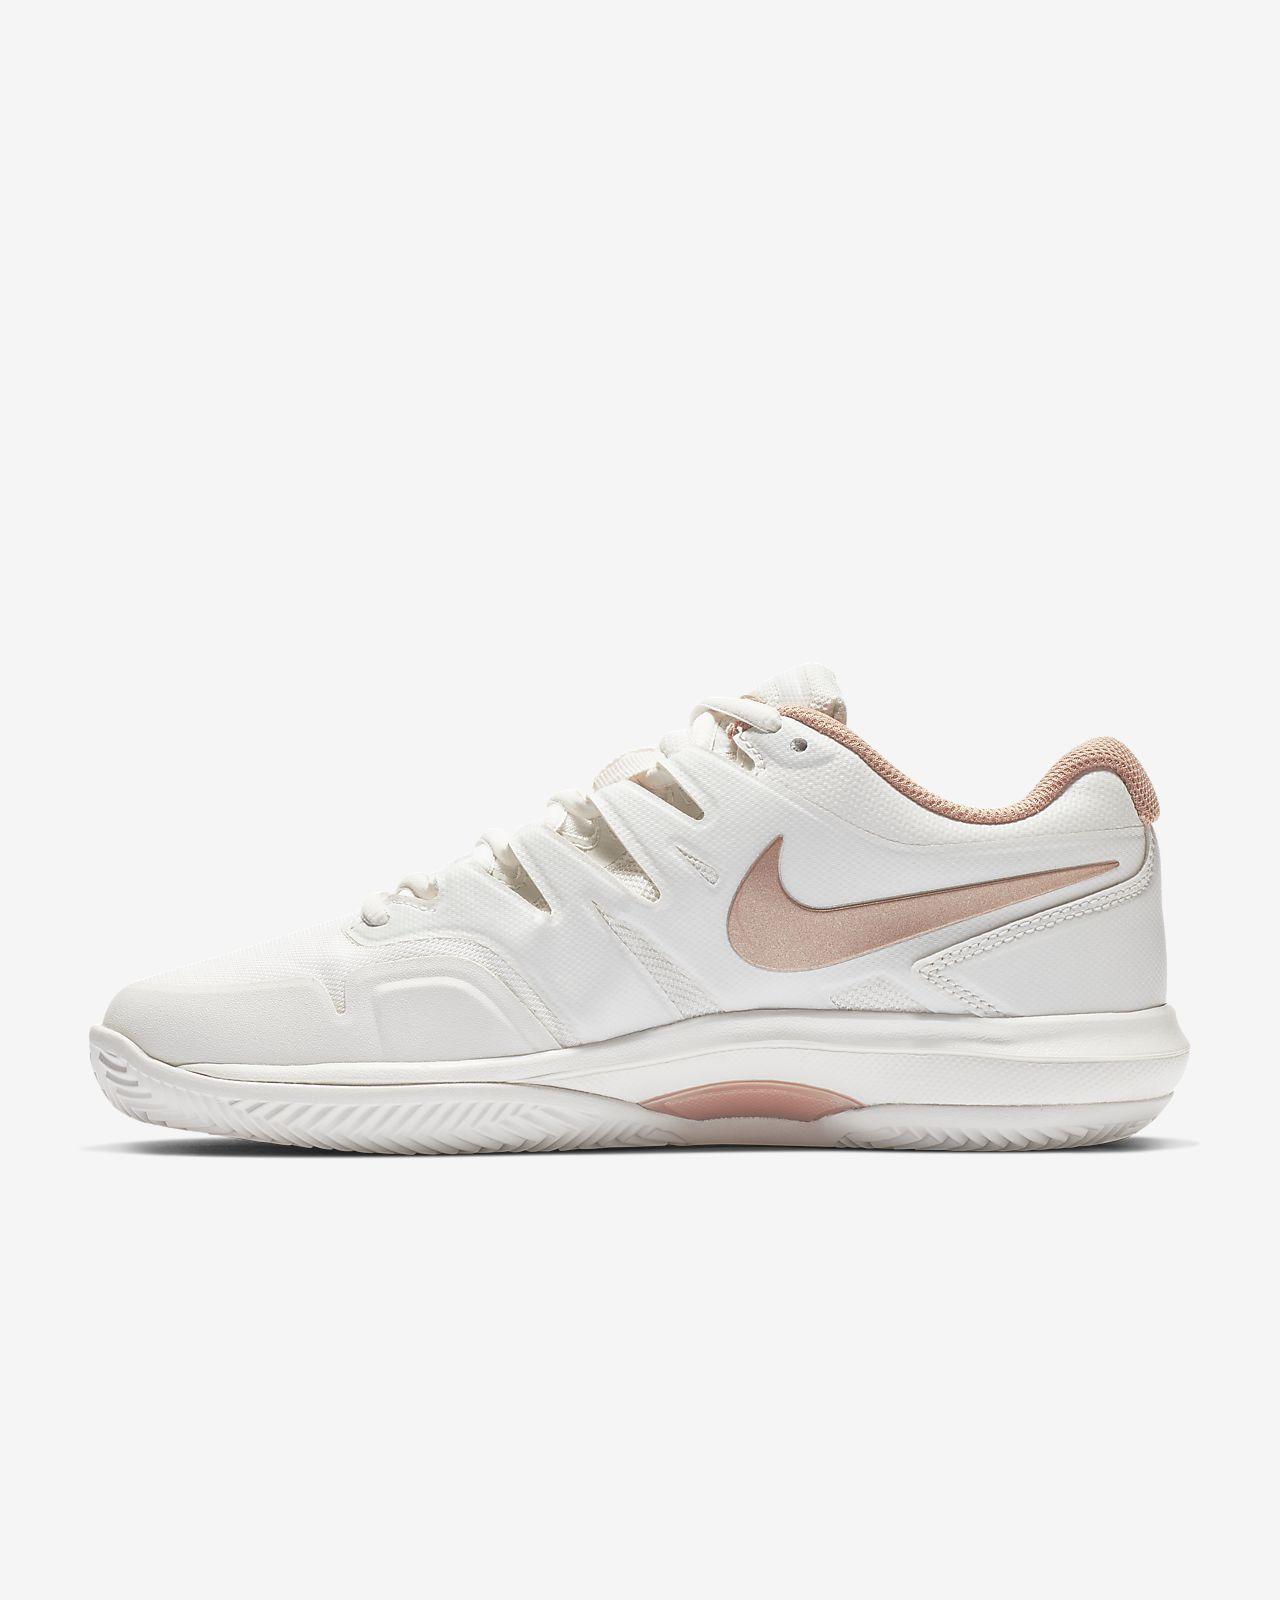 bfdb94222c Sapatilhas de ténis Nike Air Zoom Prestige Clay para mulher. Nike.com PT